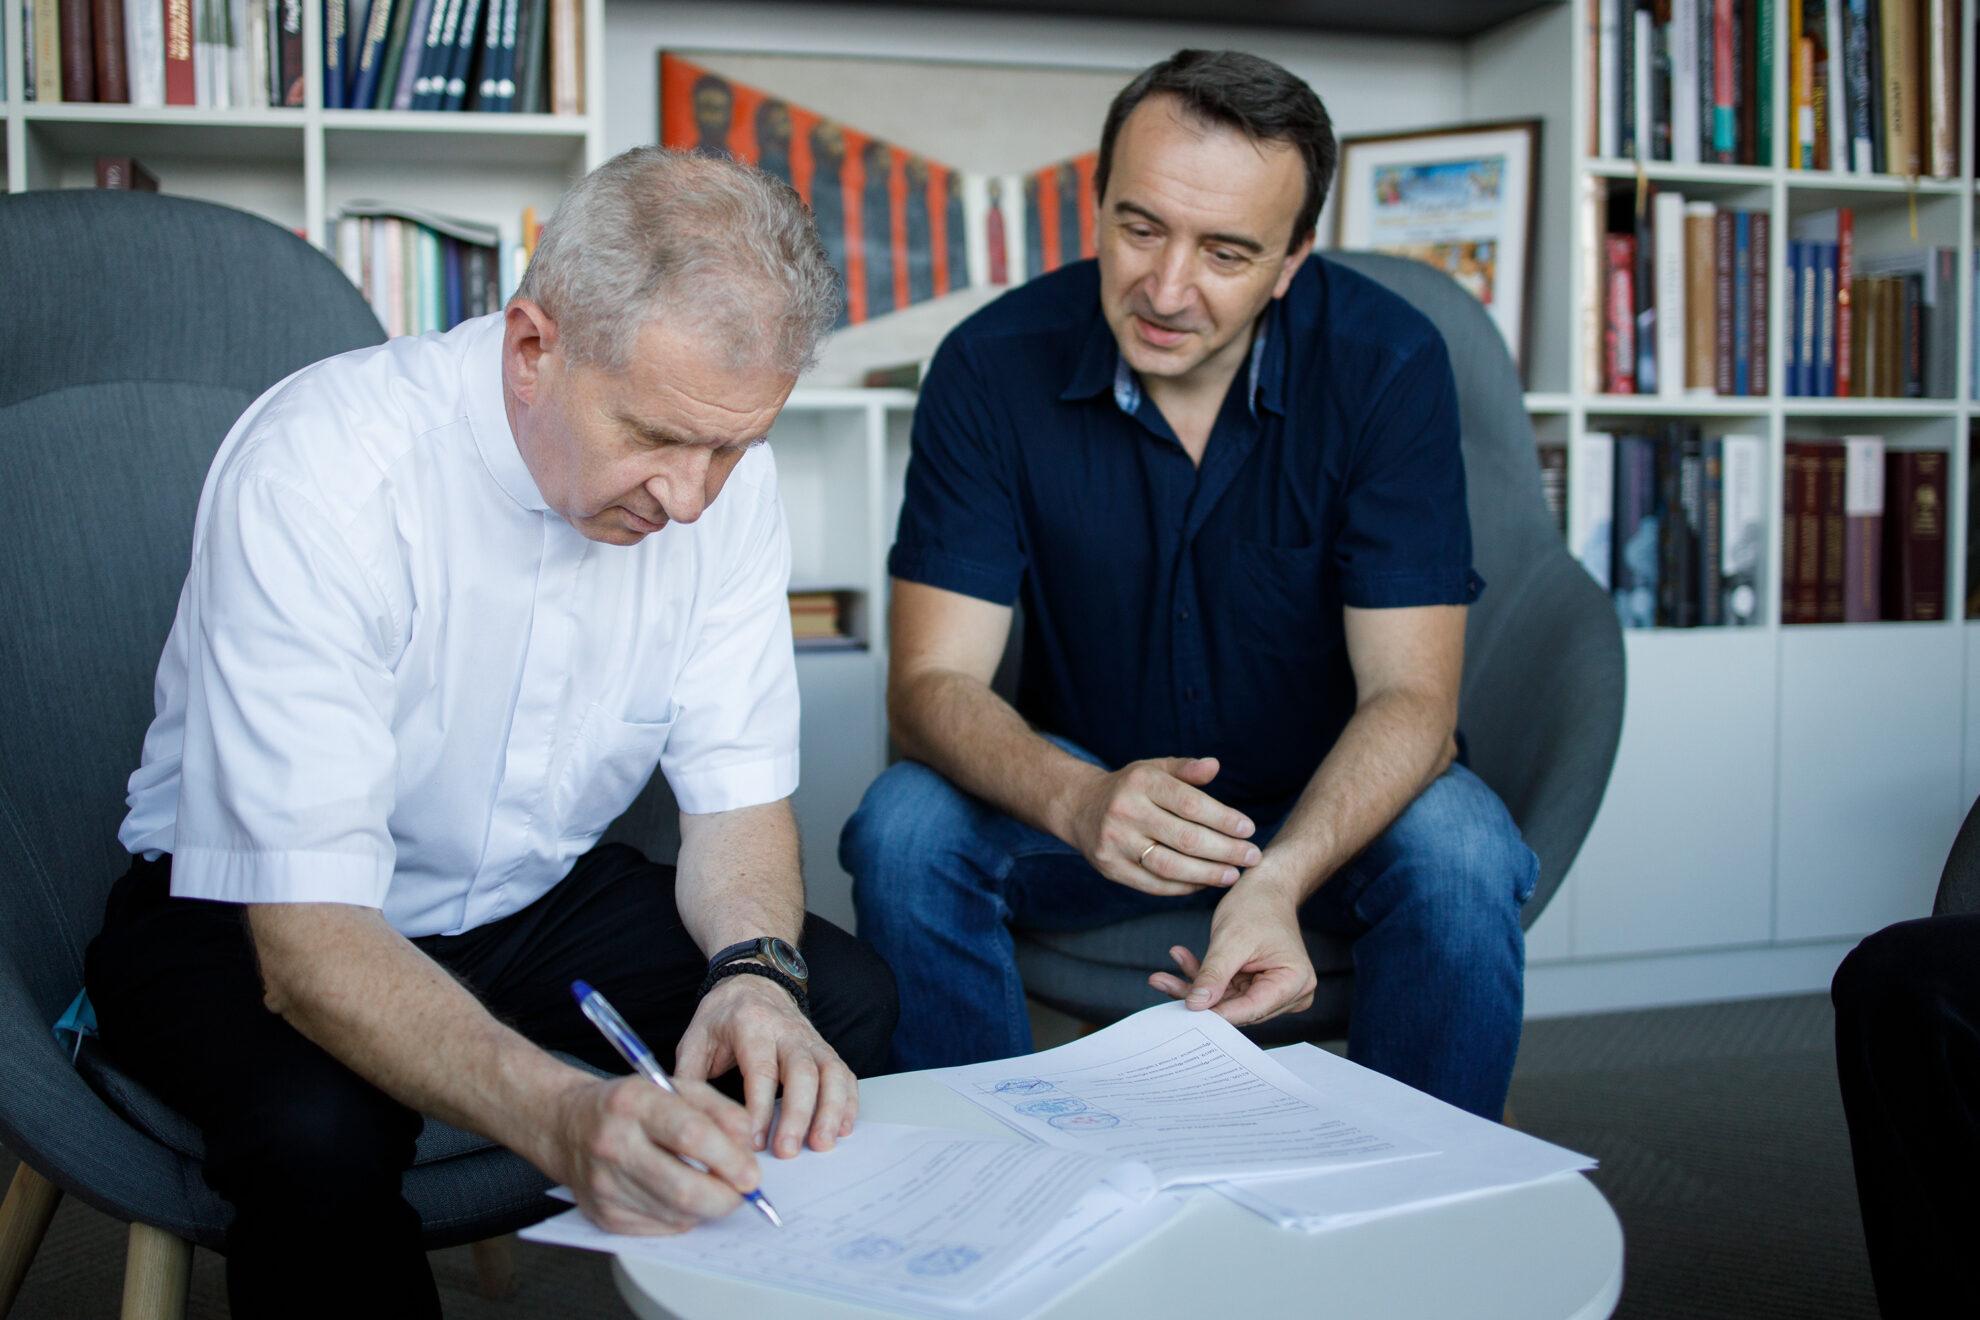 Підписання Меморандуму «Про співпрацю бібліотек богословських навчальних закладів України»